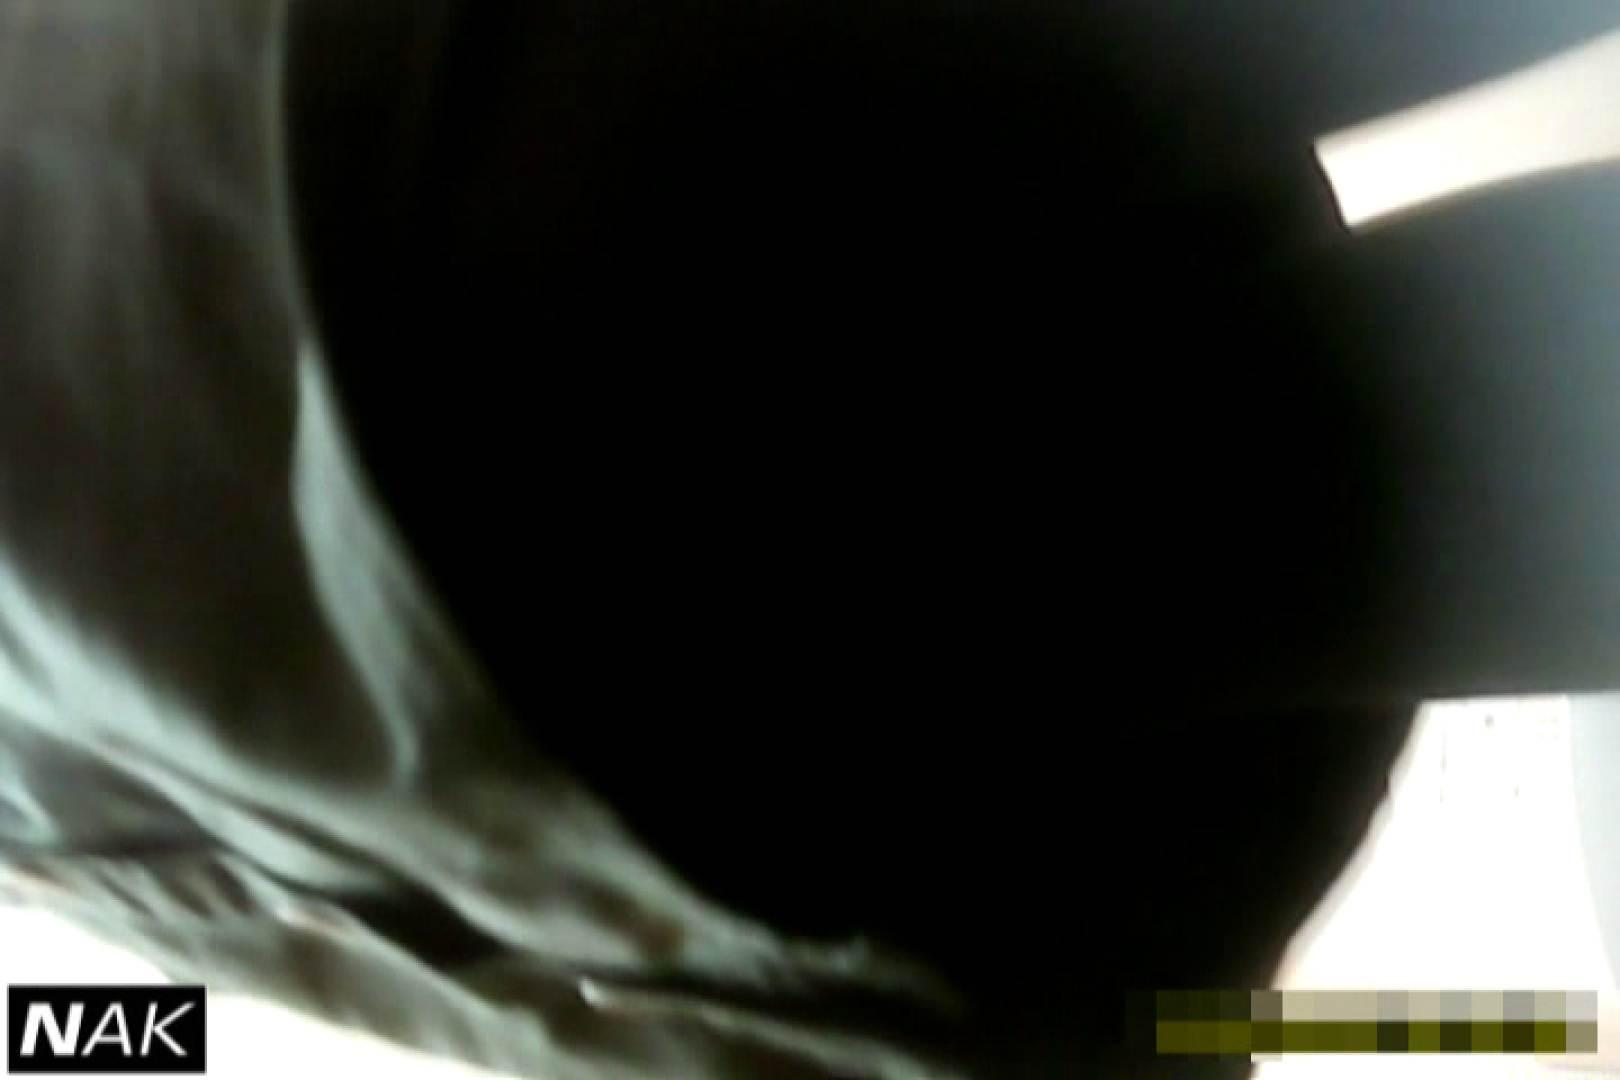 超高画質5000K!脅威の2点かわや! vol.31 高画質 オマンコ動画キャプチャ 81PIX 34